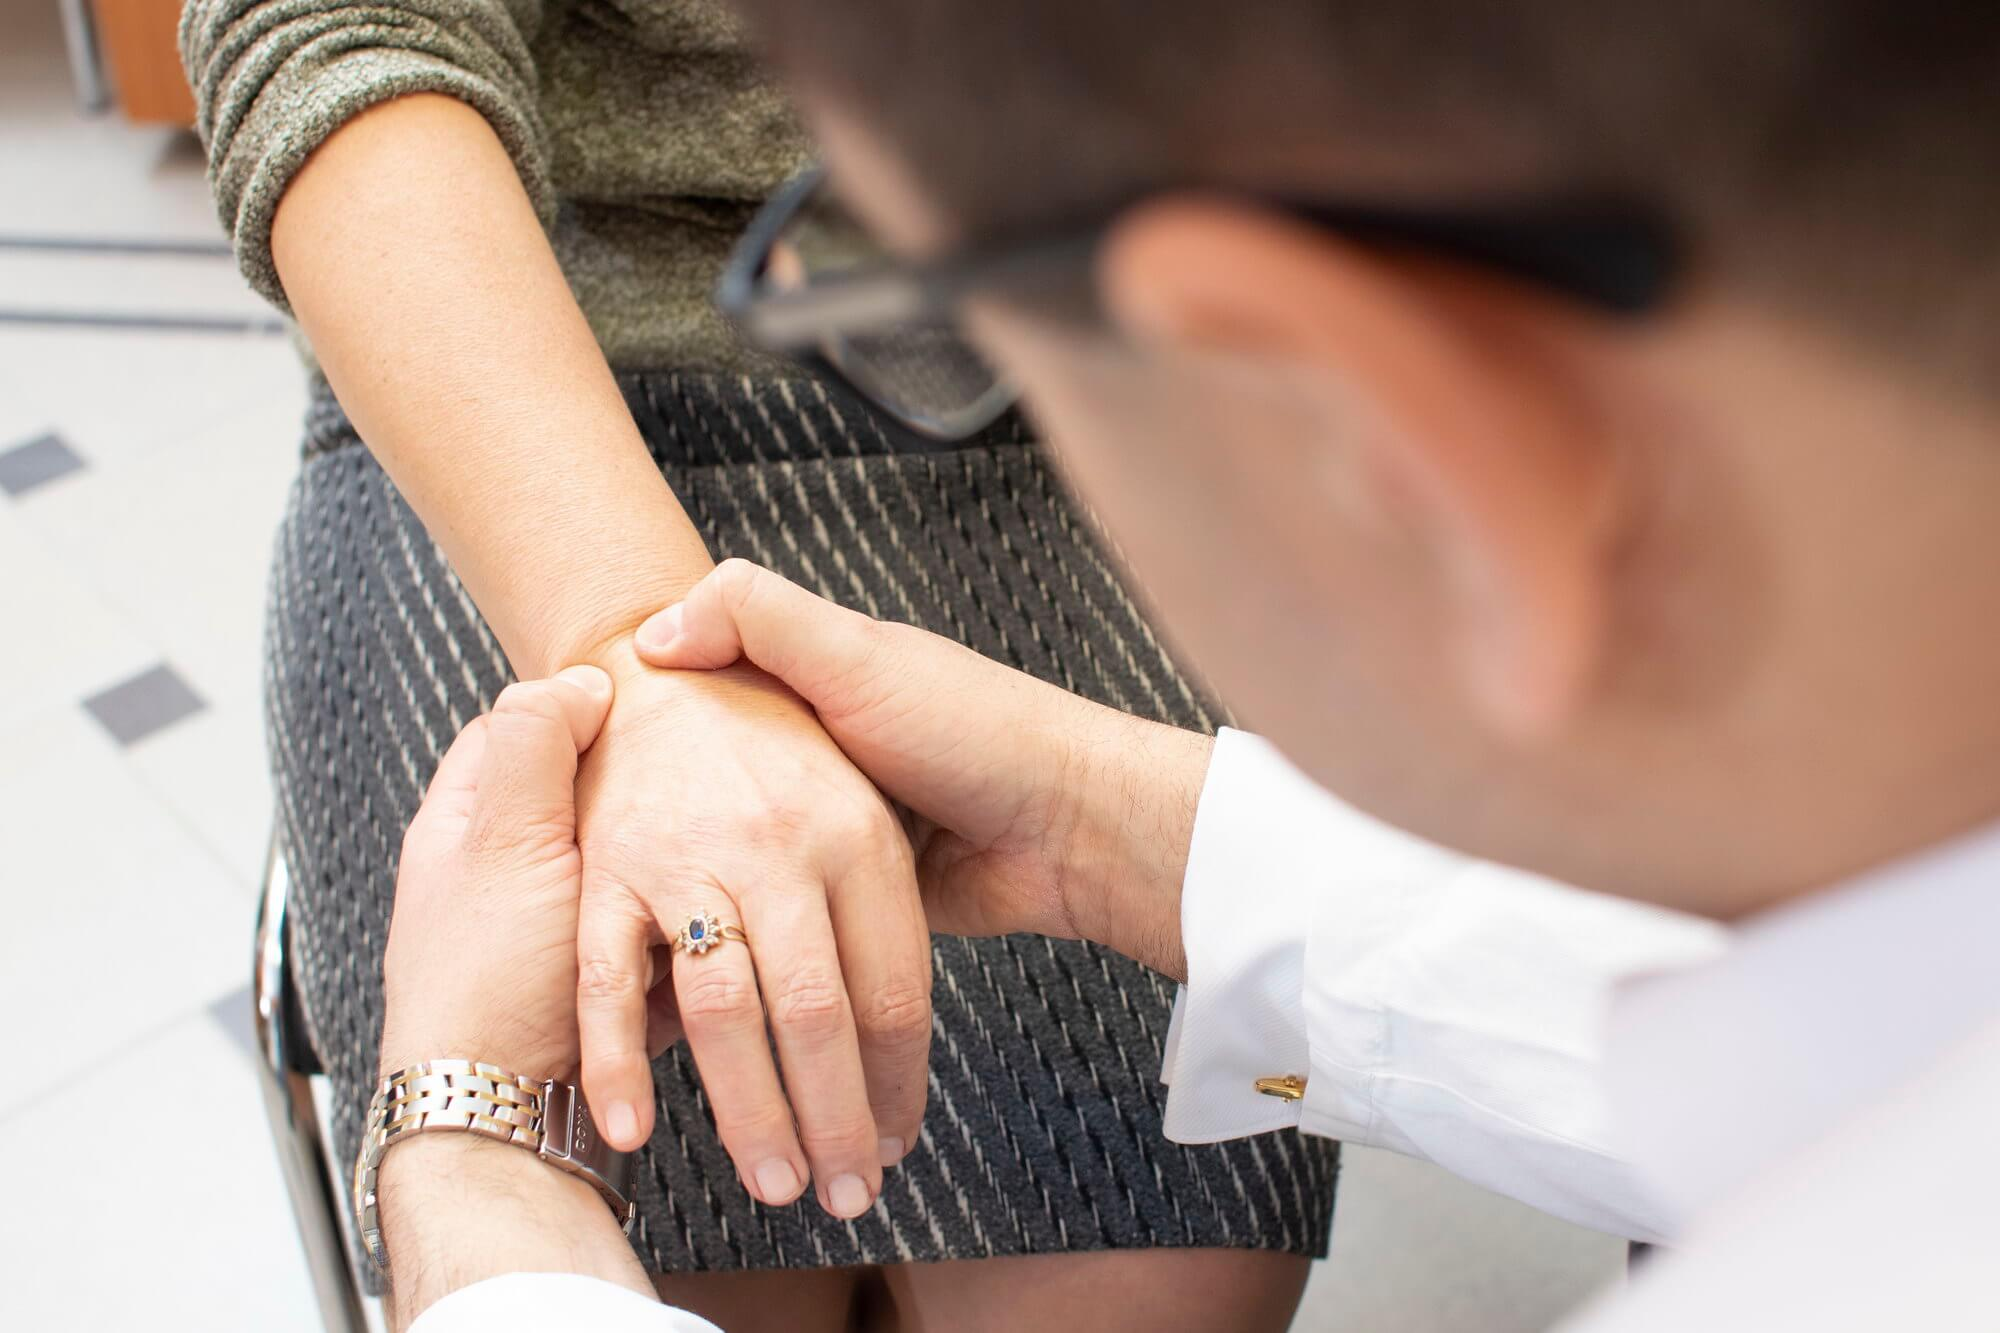 könyökfájdalom a kéz emelésekor